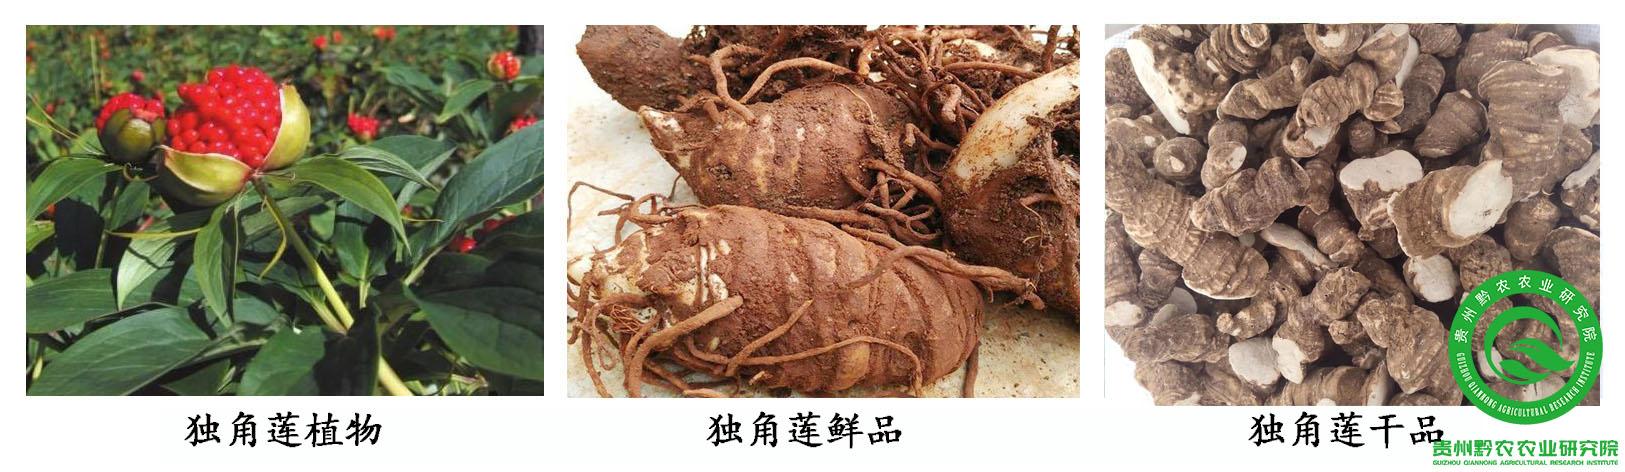 毕节白芨多少钱一斤_贵州黔农农业研究院